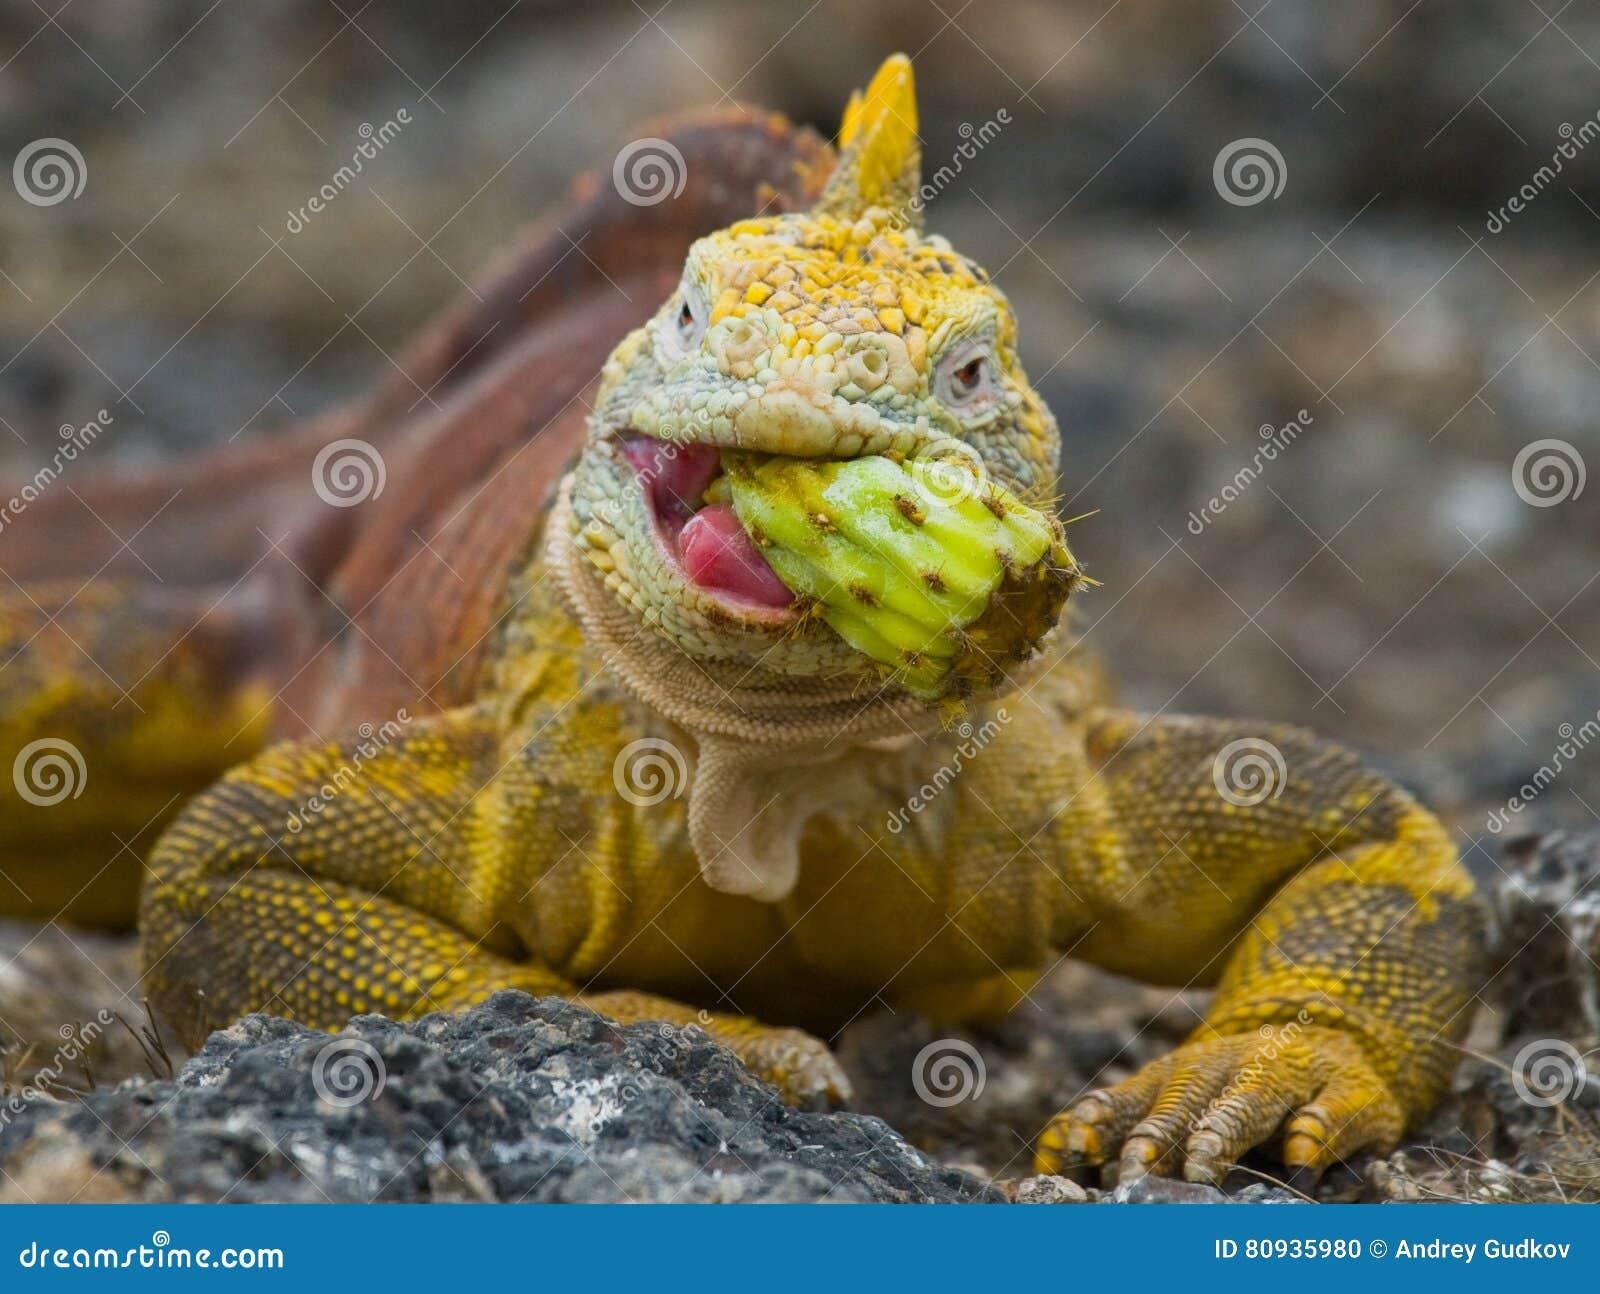 The land iguana eats a cactus. The Galapagos Islands. Pacific Ocean. Ecuador.